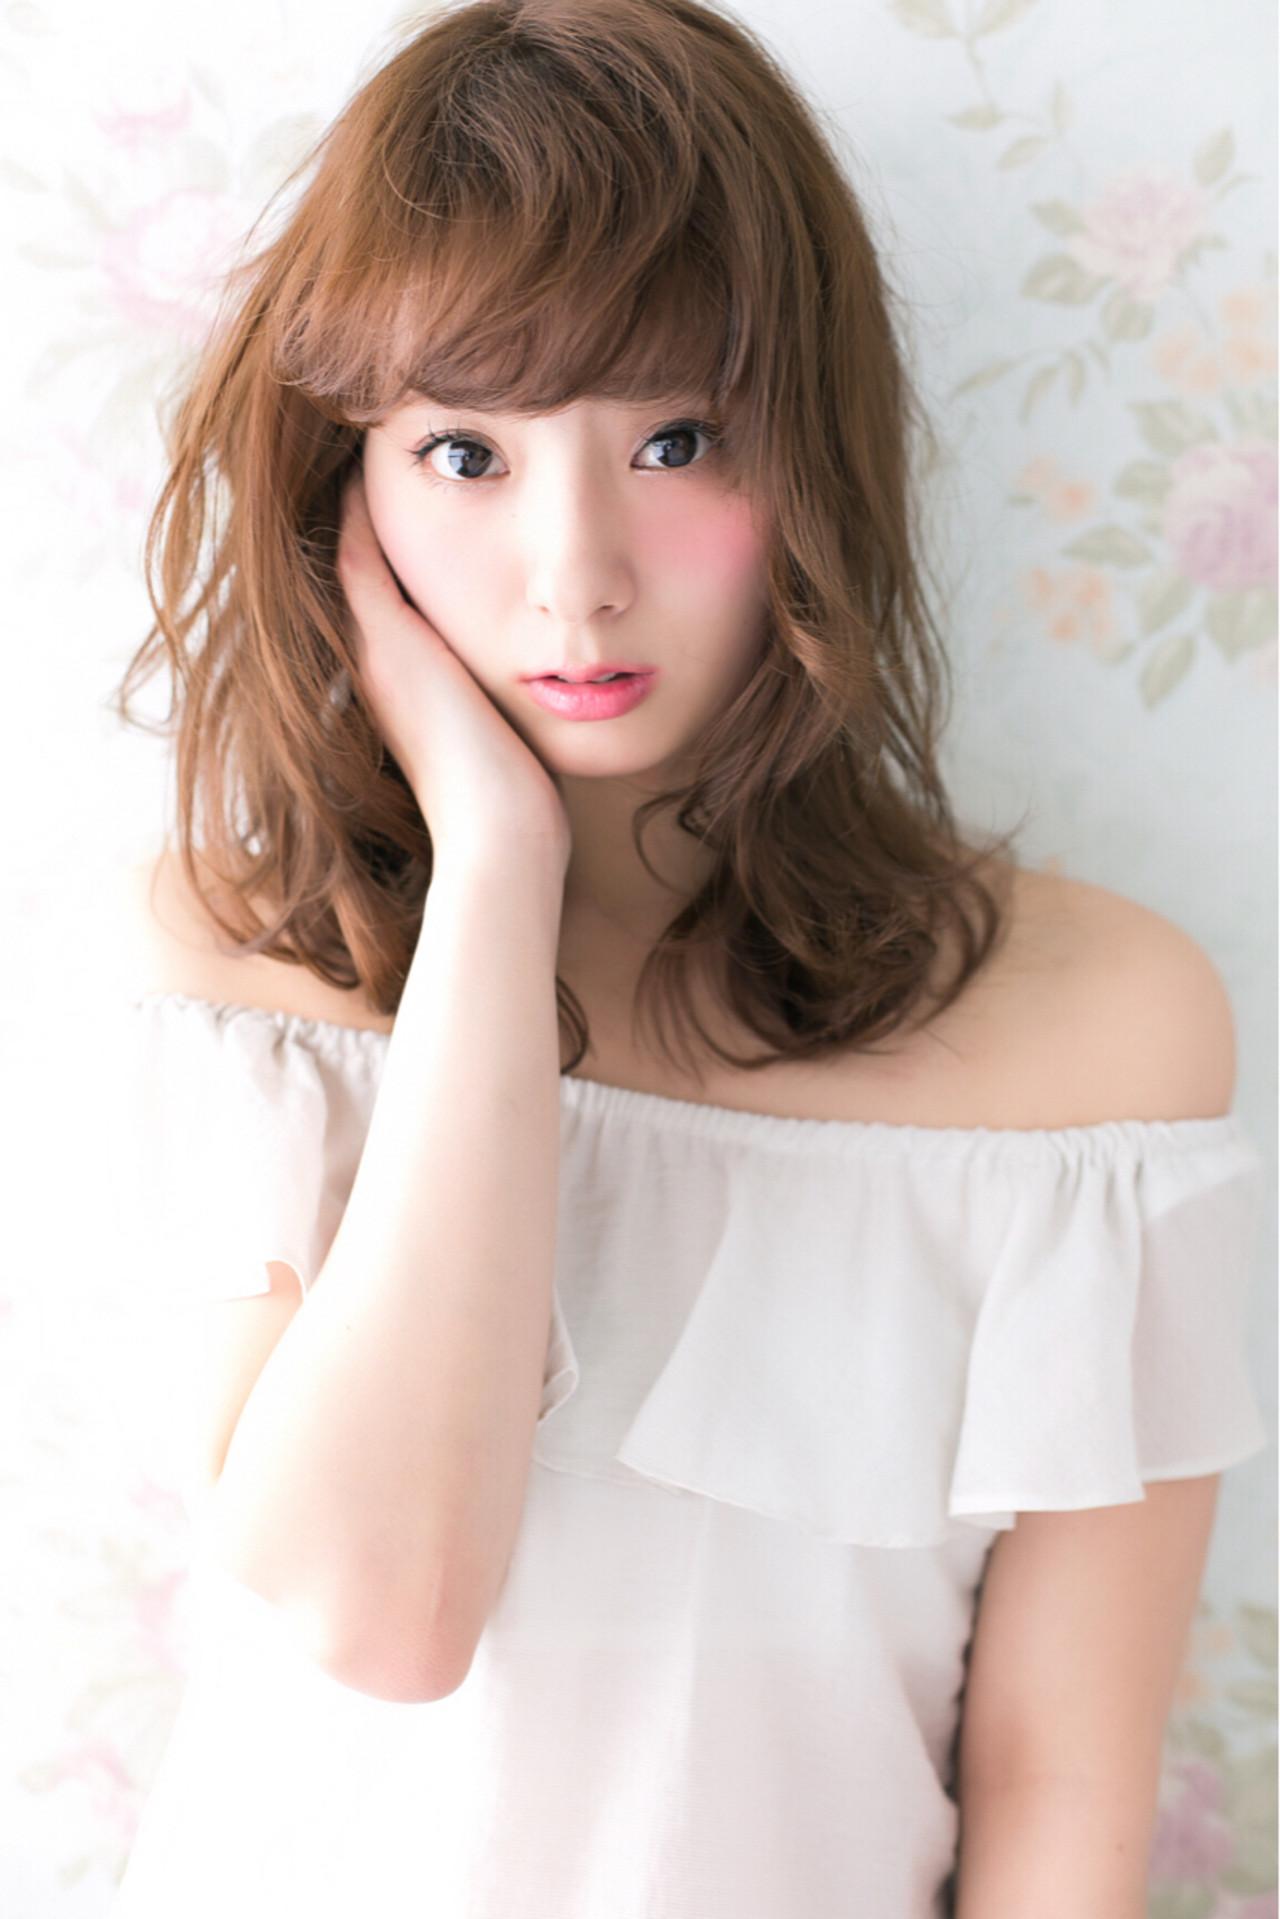 セミロング 小顔 ゆるふわ ナチュラル ヘアスタイルや髪型の写真・画像 | Ryuho / STELLA sannomiya